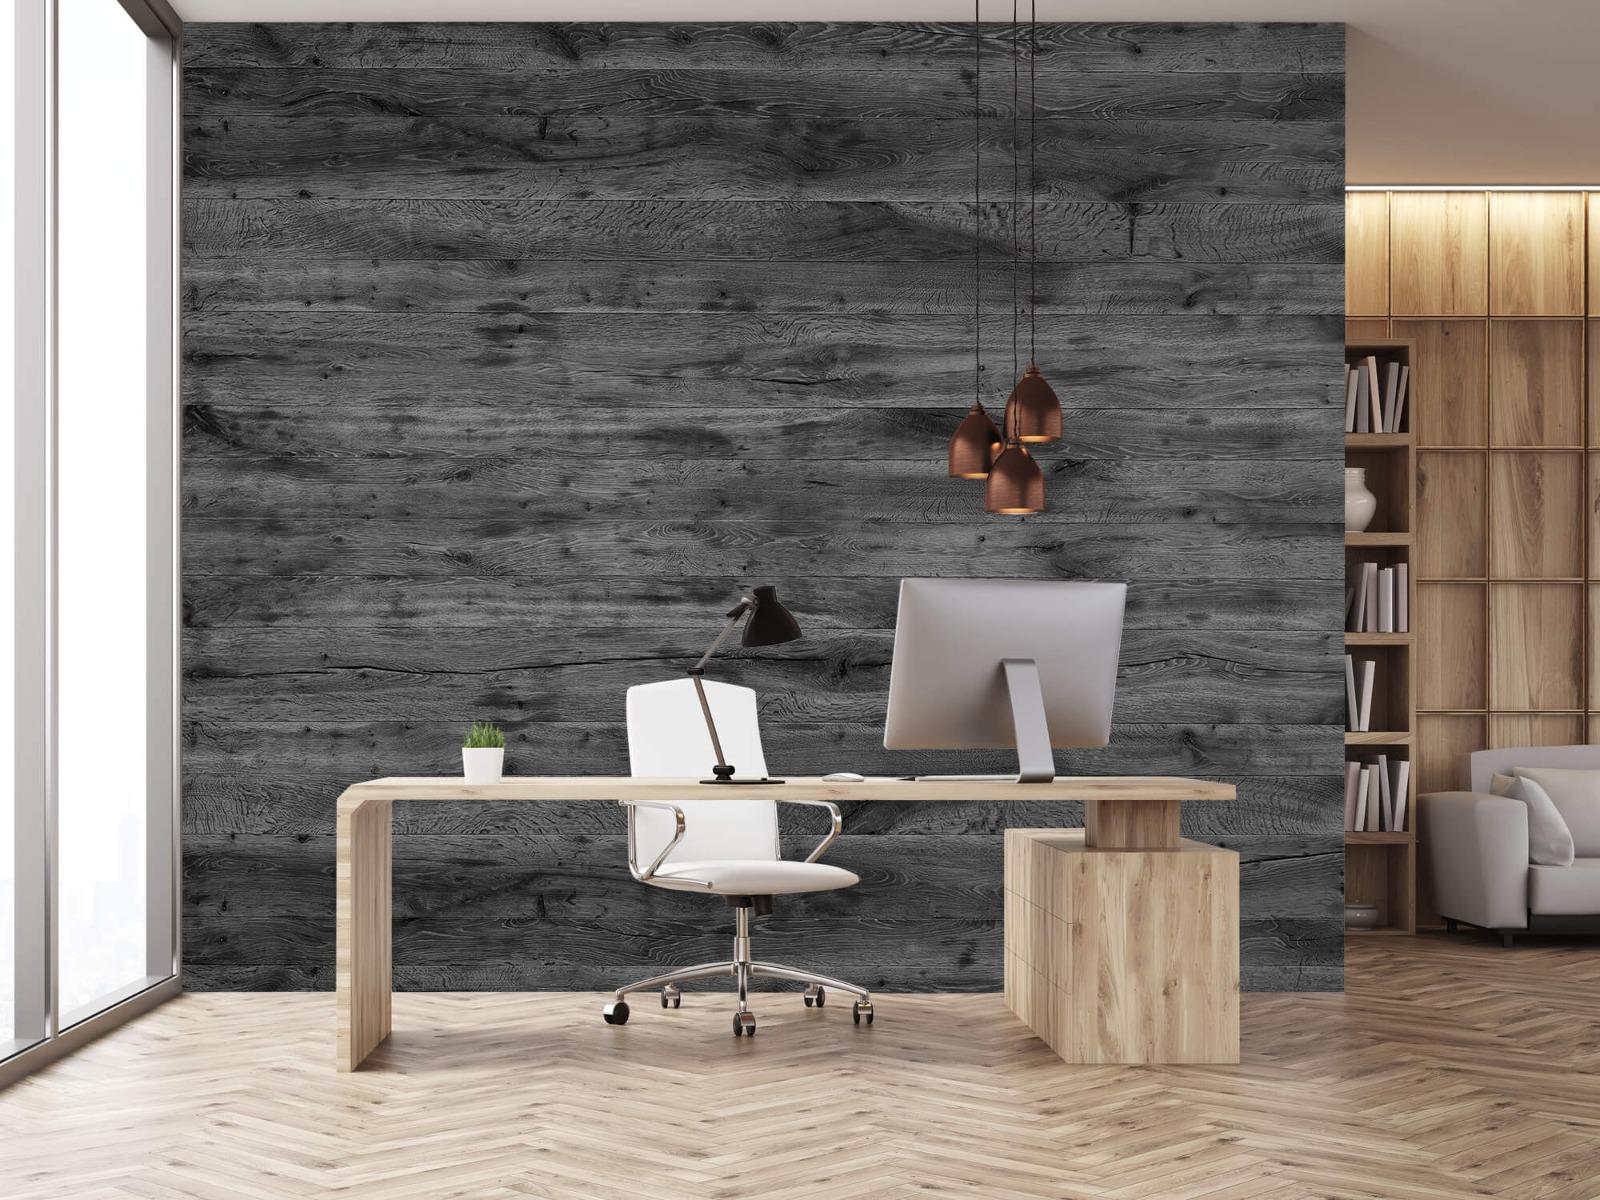 Hout behang - Grijze houten planken - Directie 2